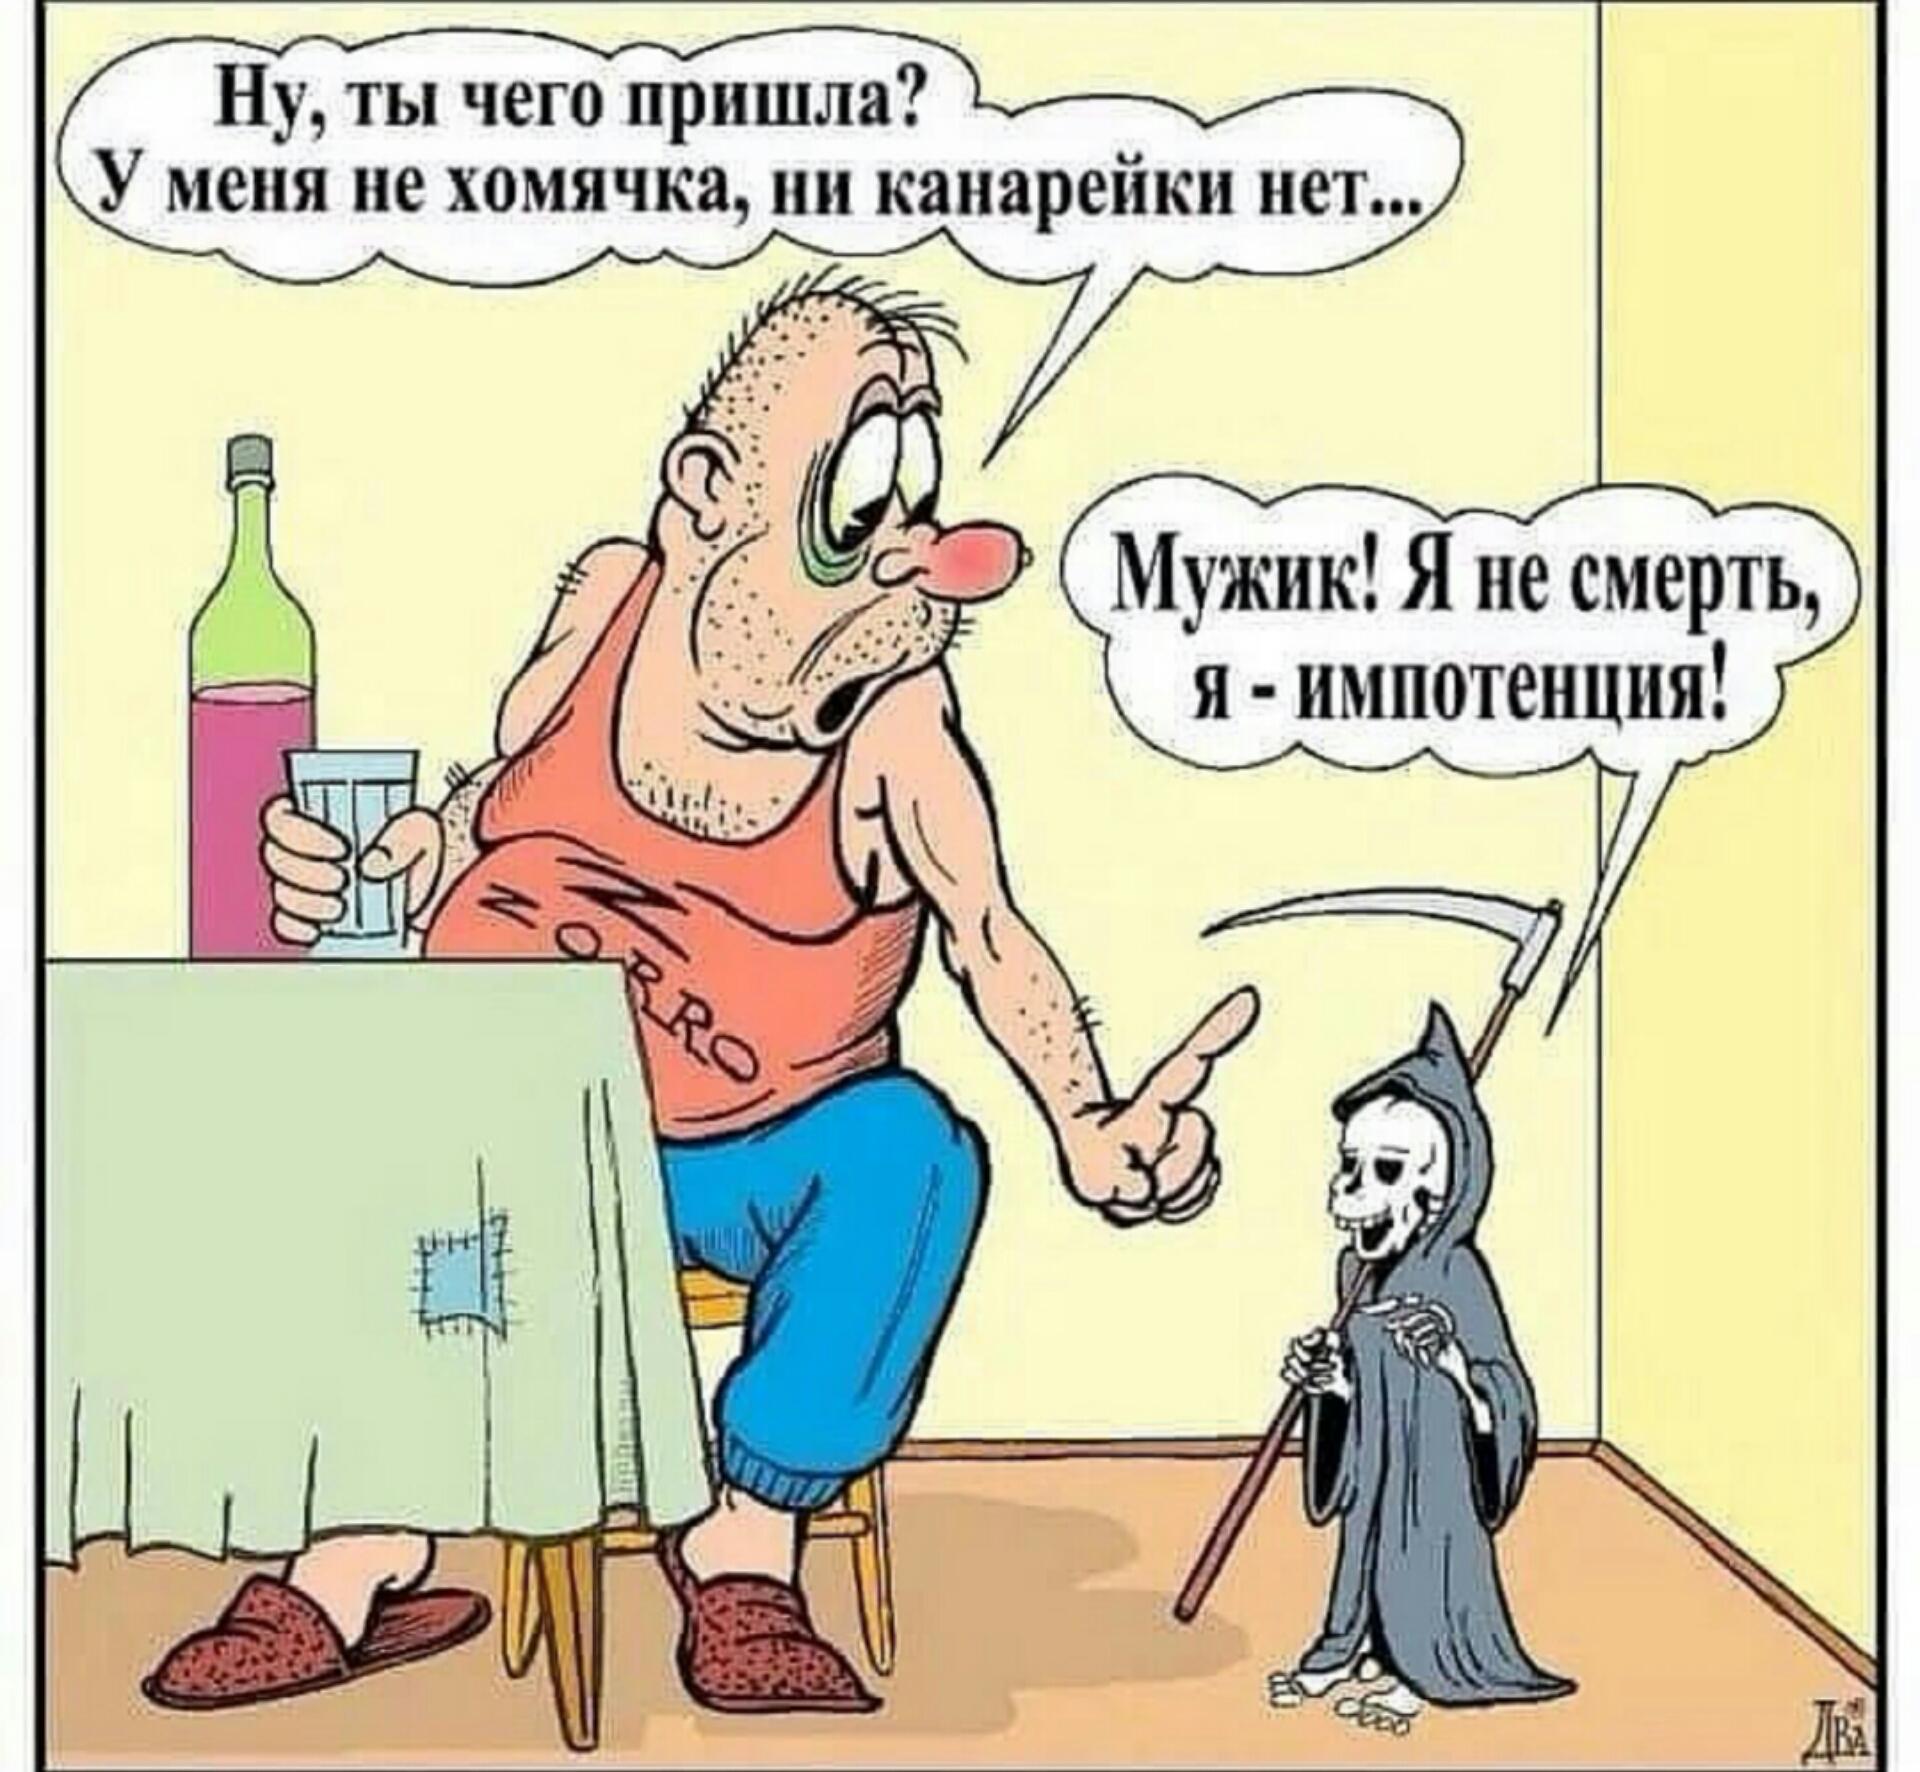 Картинки с юмором про смерть